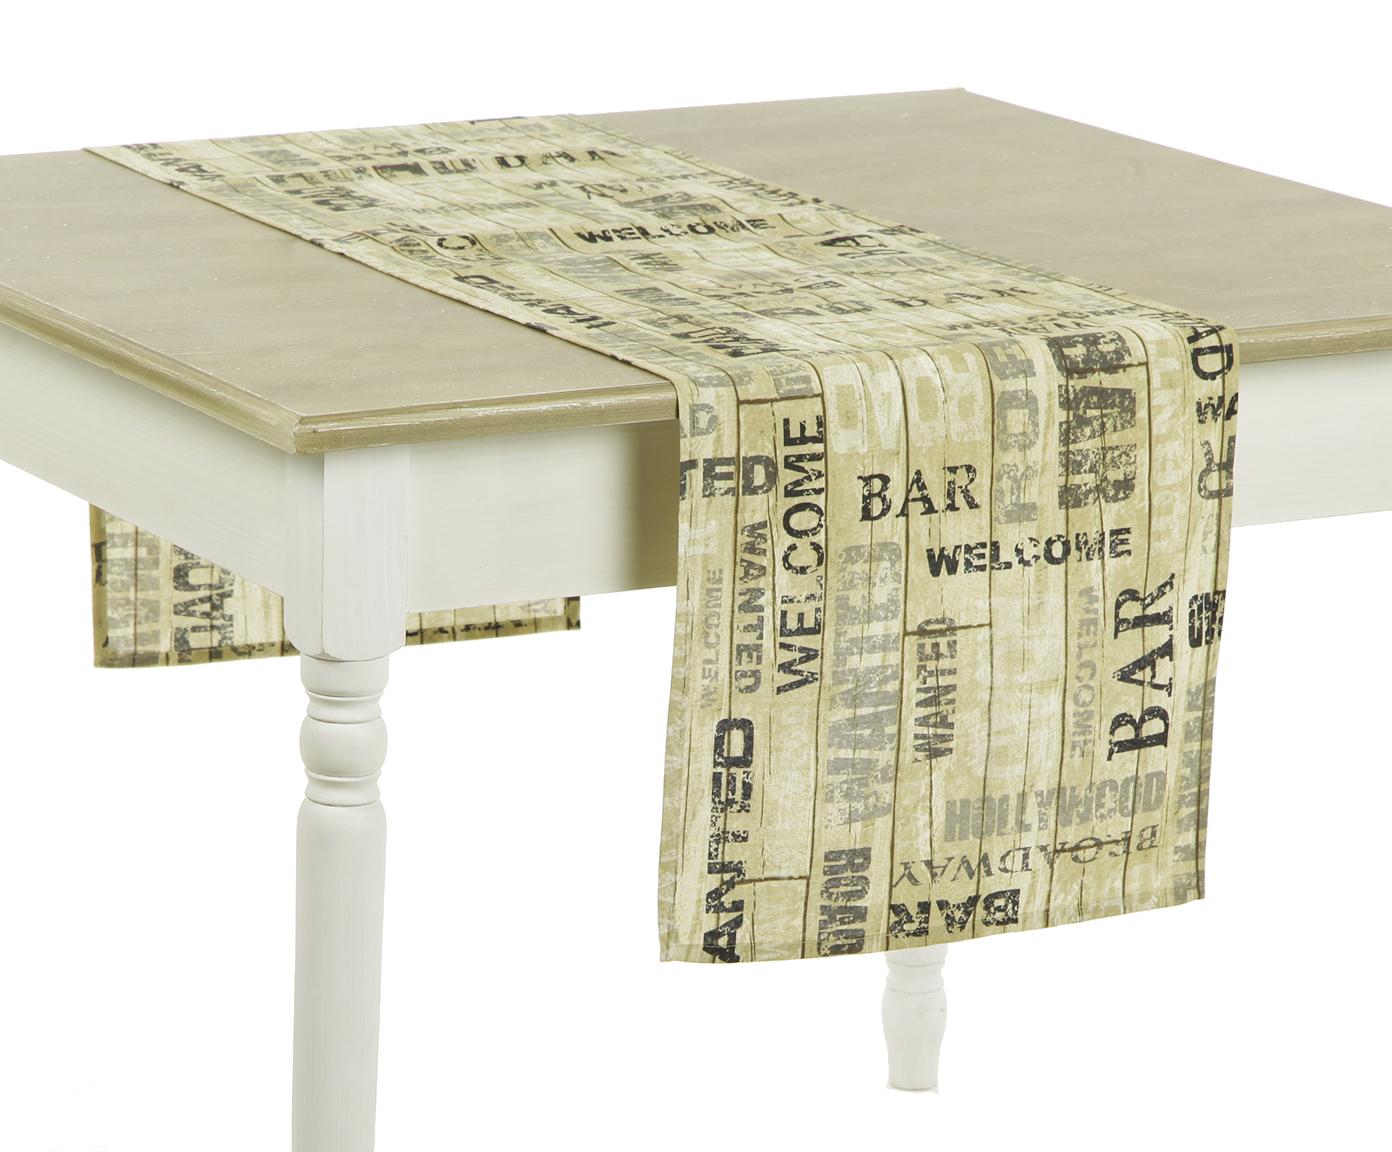 Дорожка DroadwayСкатерти<br>Скатерть узкая на стол. Подойдет для романтического стиля и настроения. Яркий дизайн. Ткань прочная ,износоустойчивая.<br><br>Material: Хлопок<br>Length см: 170<br>Width см: 40